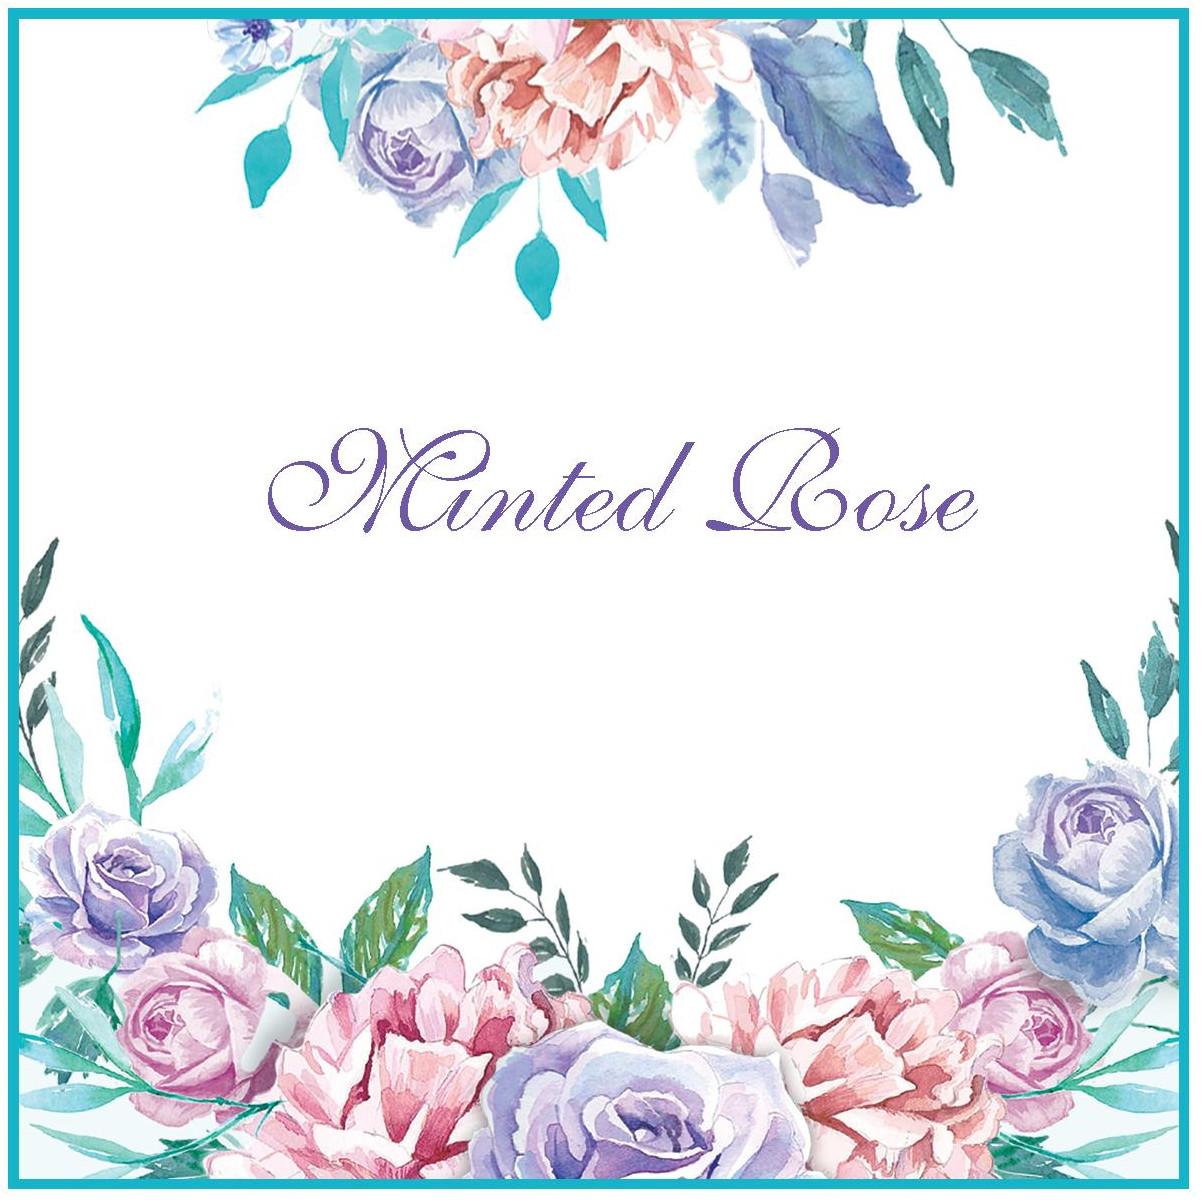 Minted Rose.jpg